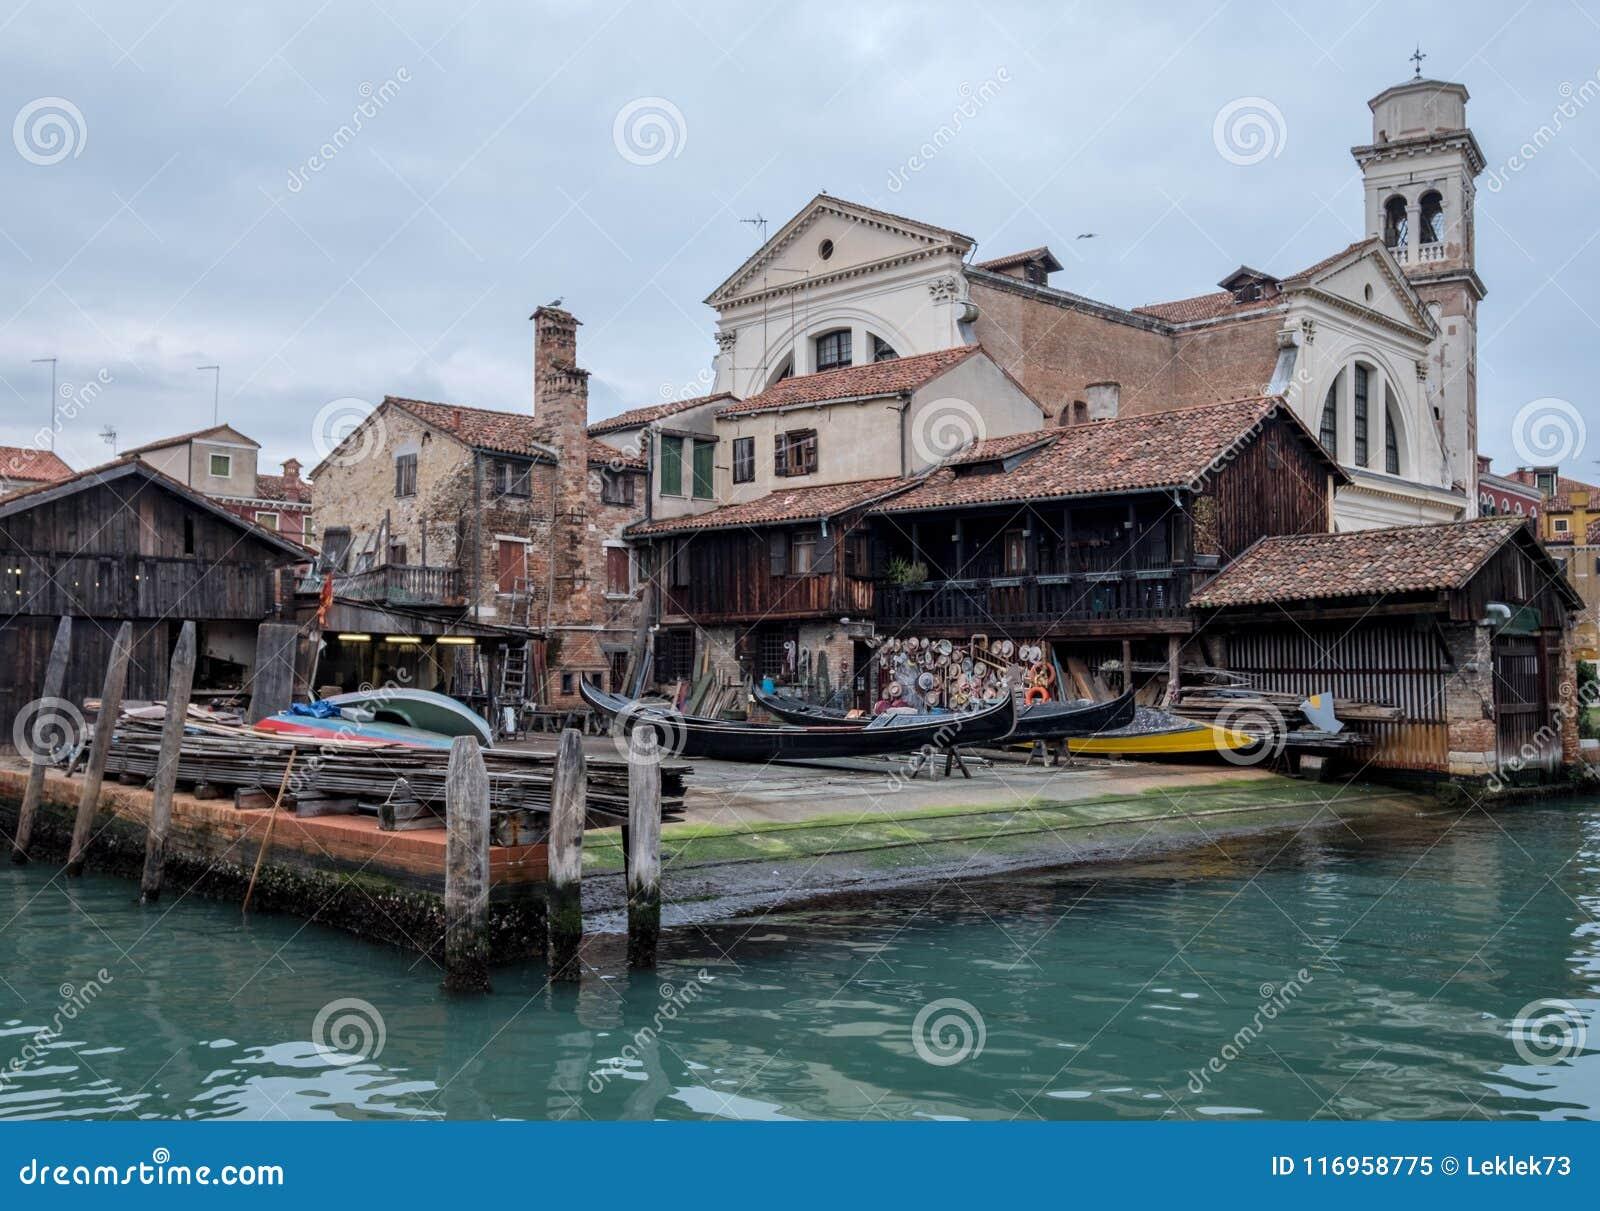 Squero di San Trovaso in Venice Italy. Historic gondola boatyard in Venice.